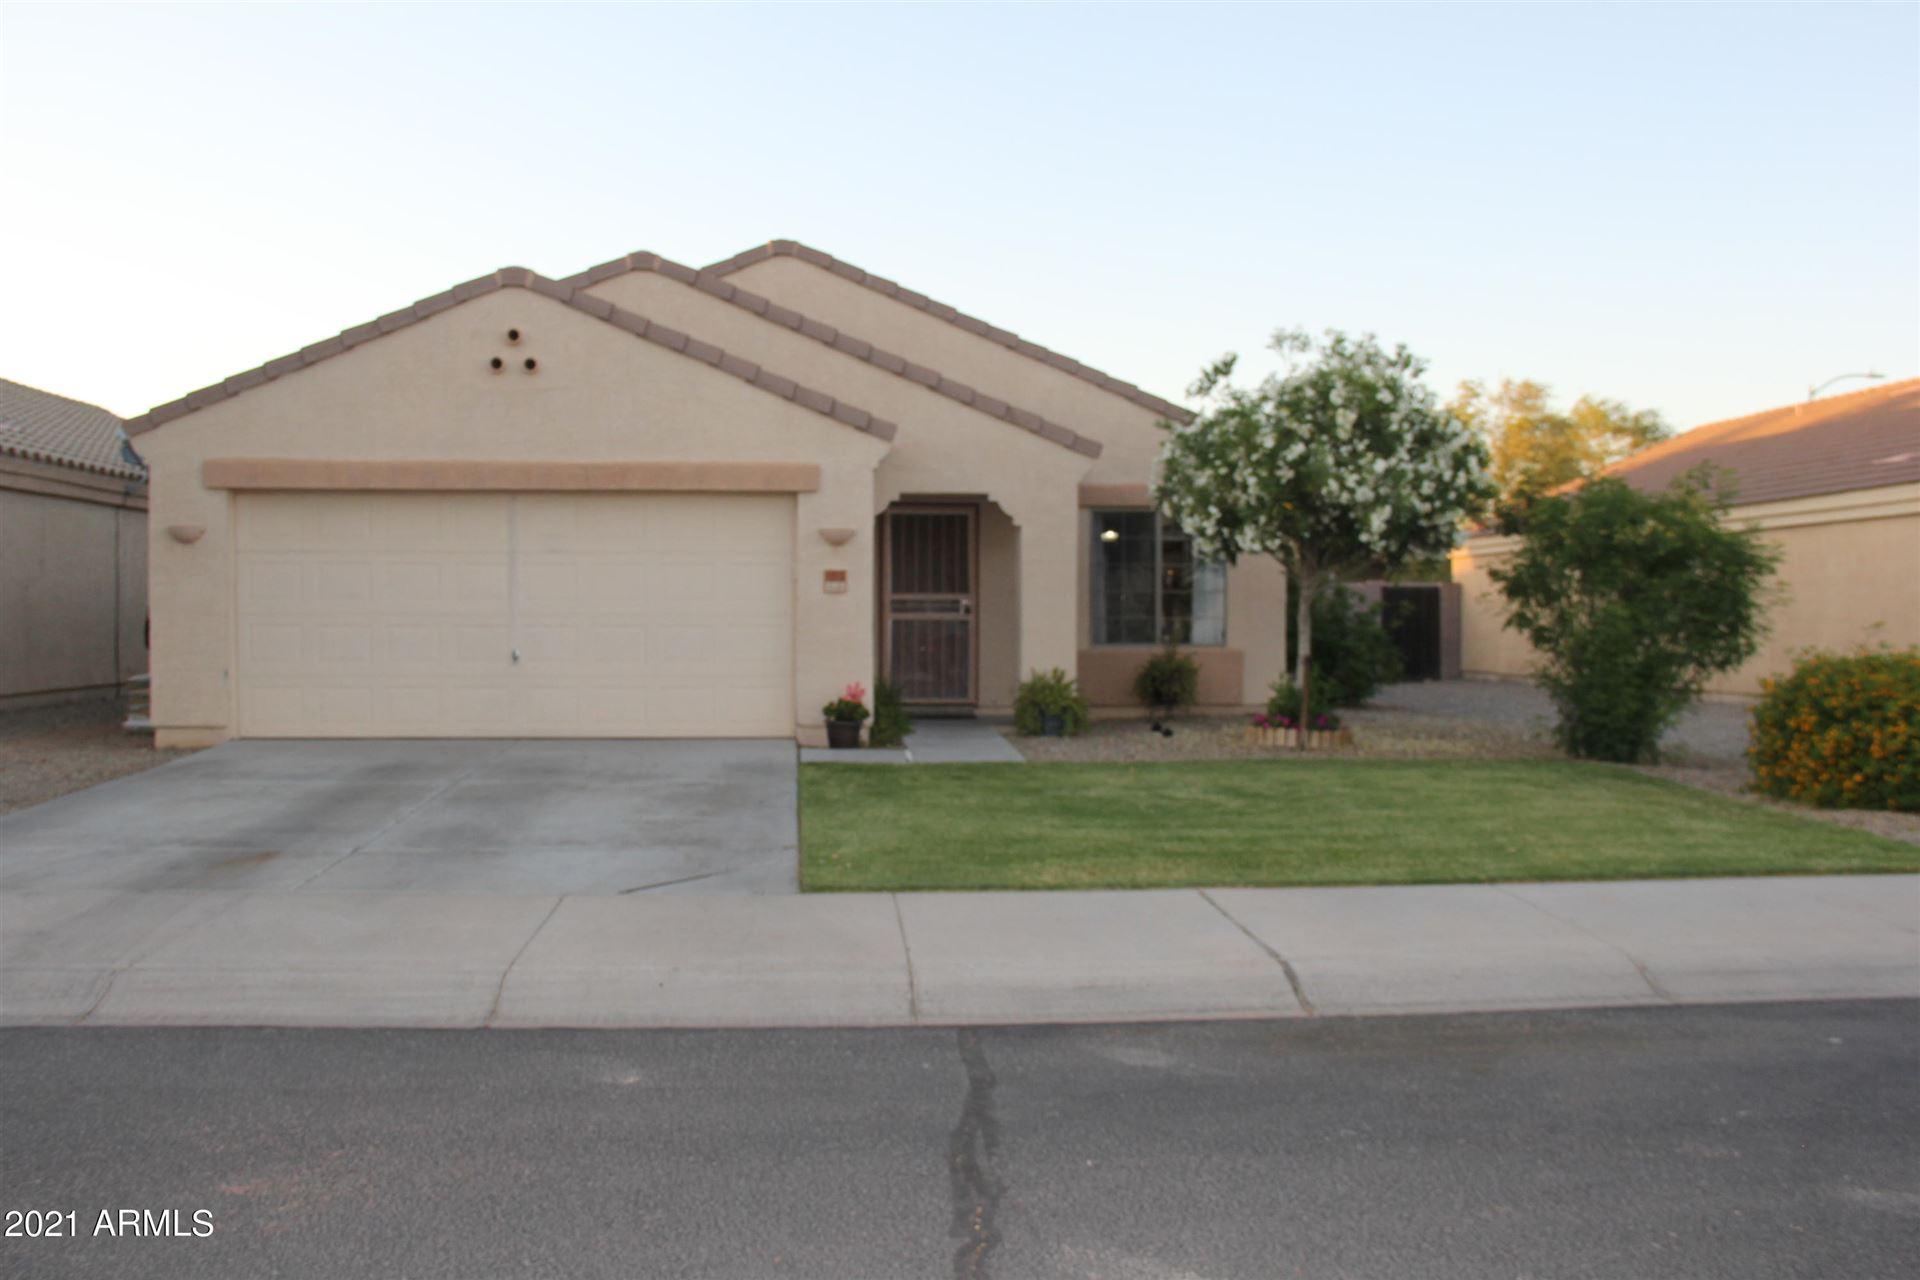 Photo of 15932 W WINSLOW Avenue, Goodyear, AZ 85338 (MLS # 6231007)